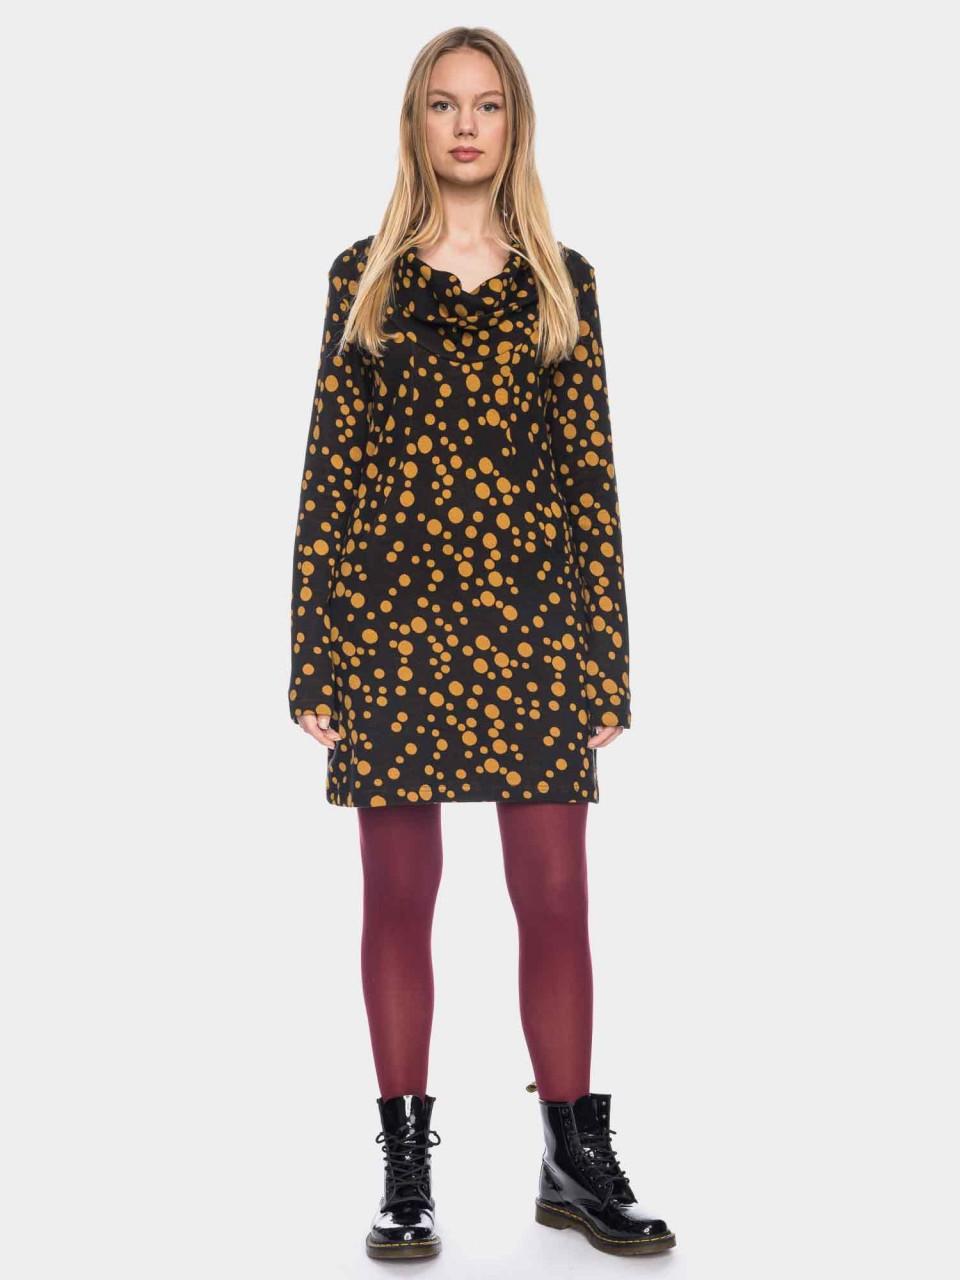 Kleid Halbmond GOTS CO 27/046 BLK/GBRN